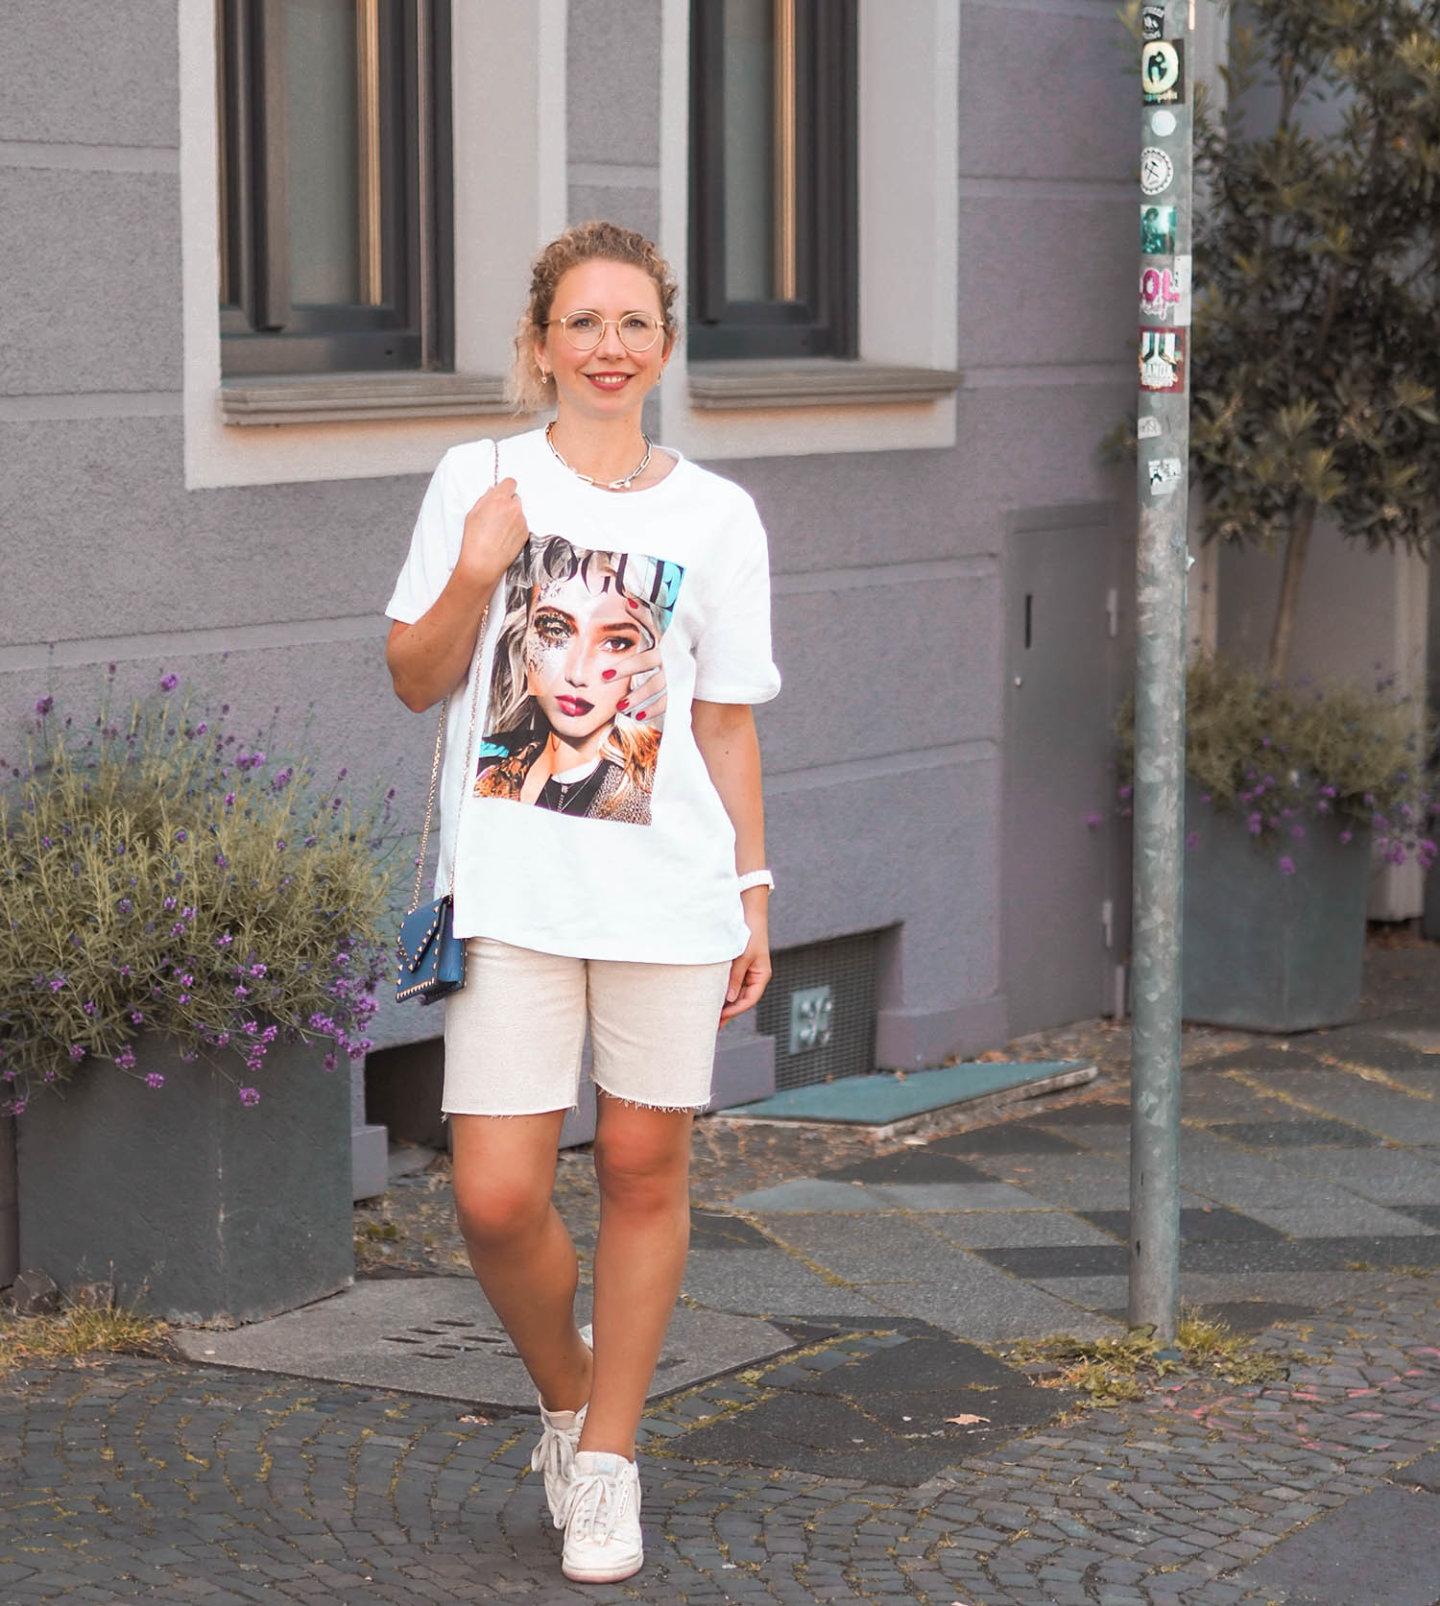 Lässiger Streetstyle mit oversized Print-Shirt und Jeans-Shorts